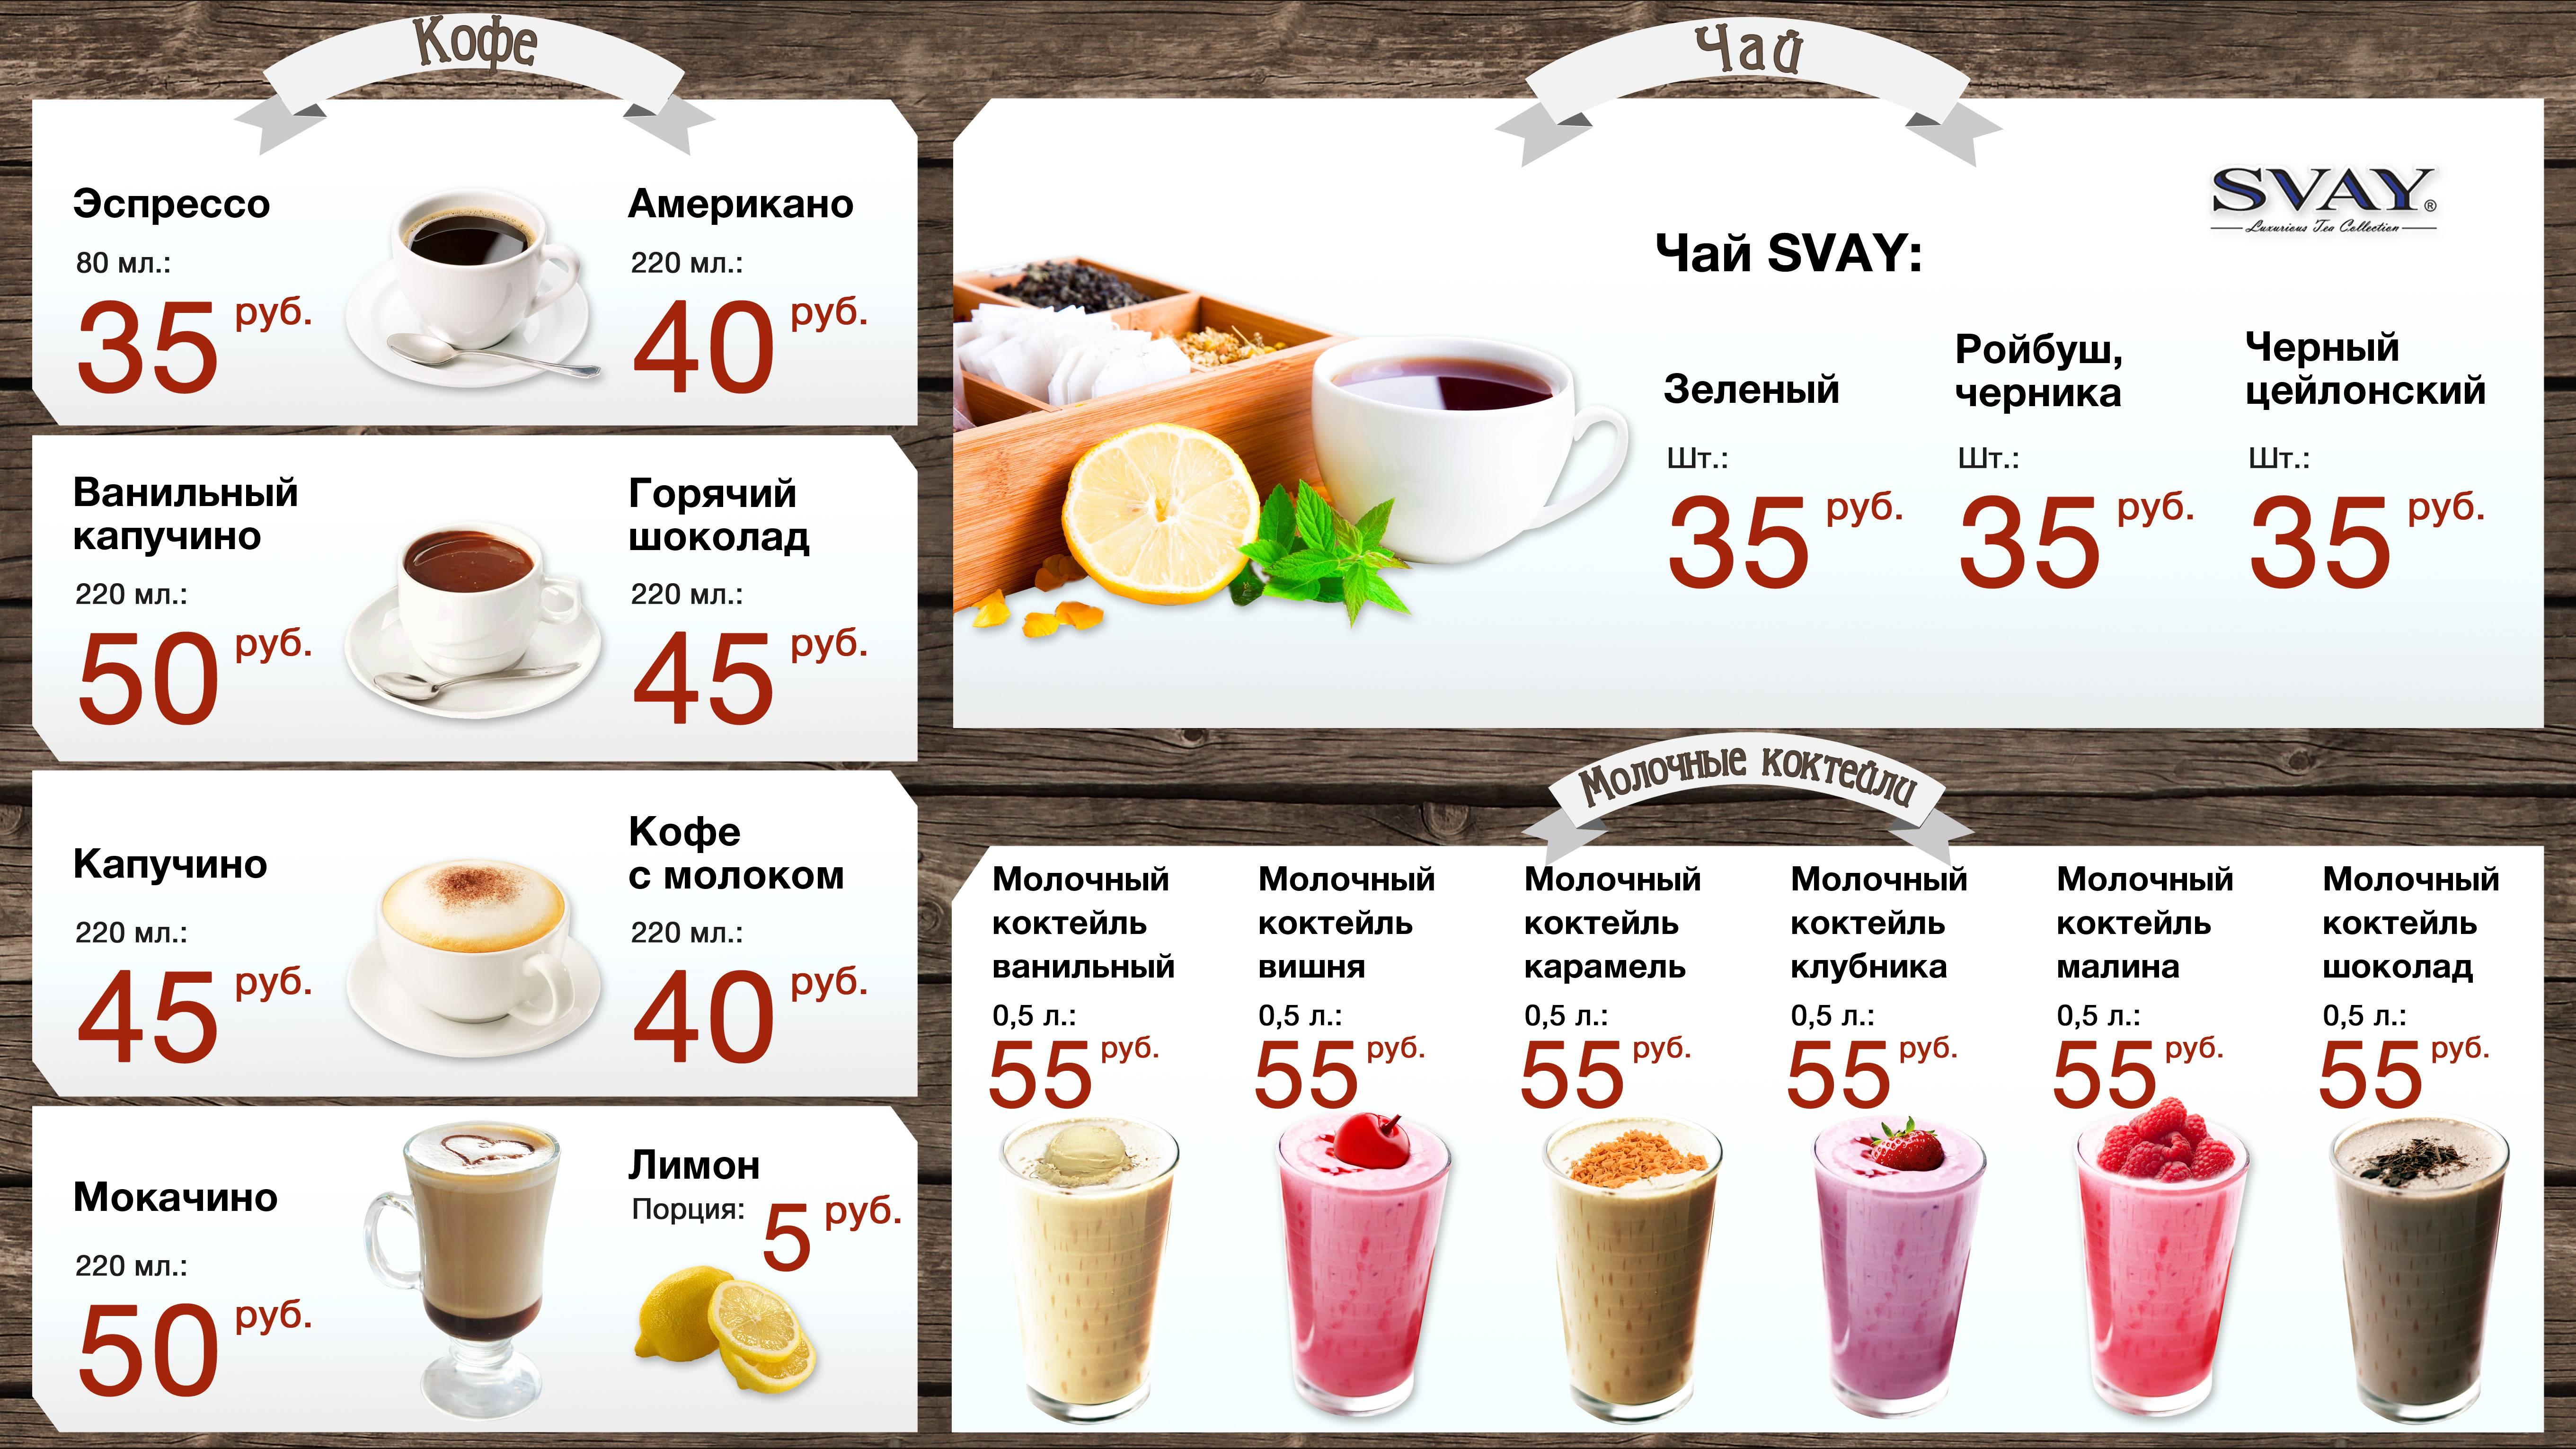 Сколько калорий в кофе с молоком без сахара. калории в молотом и зерновом кофе